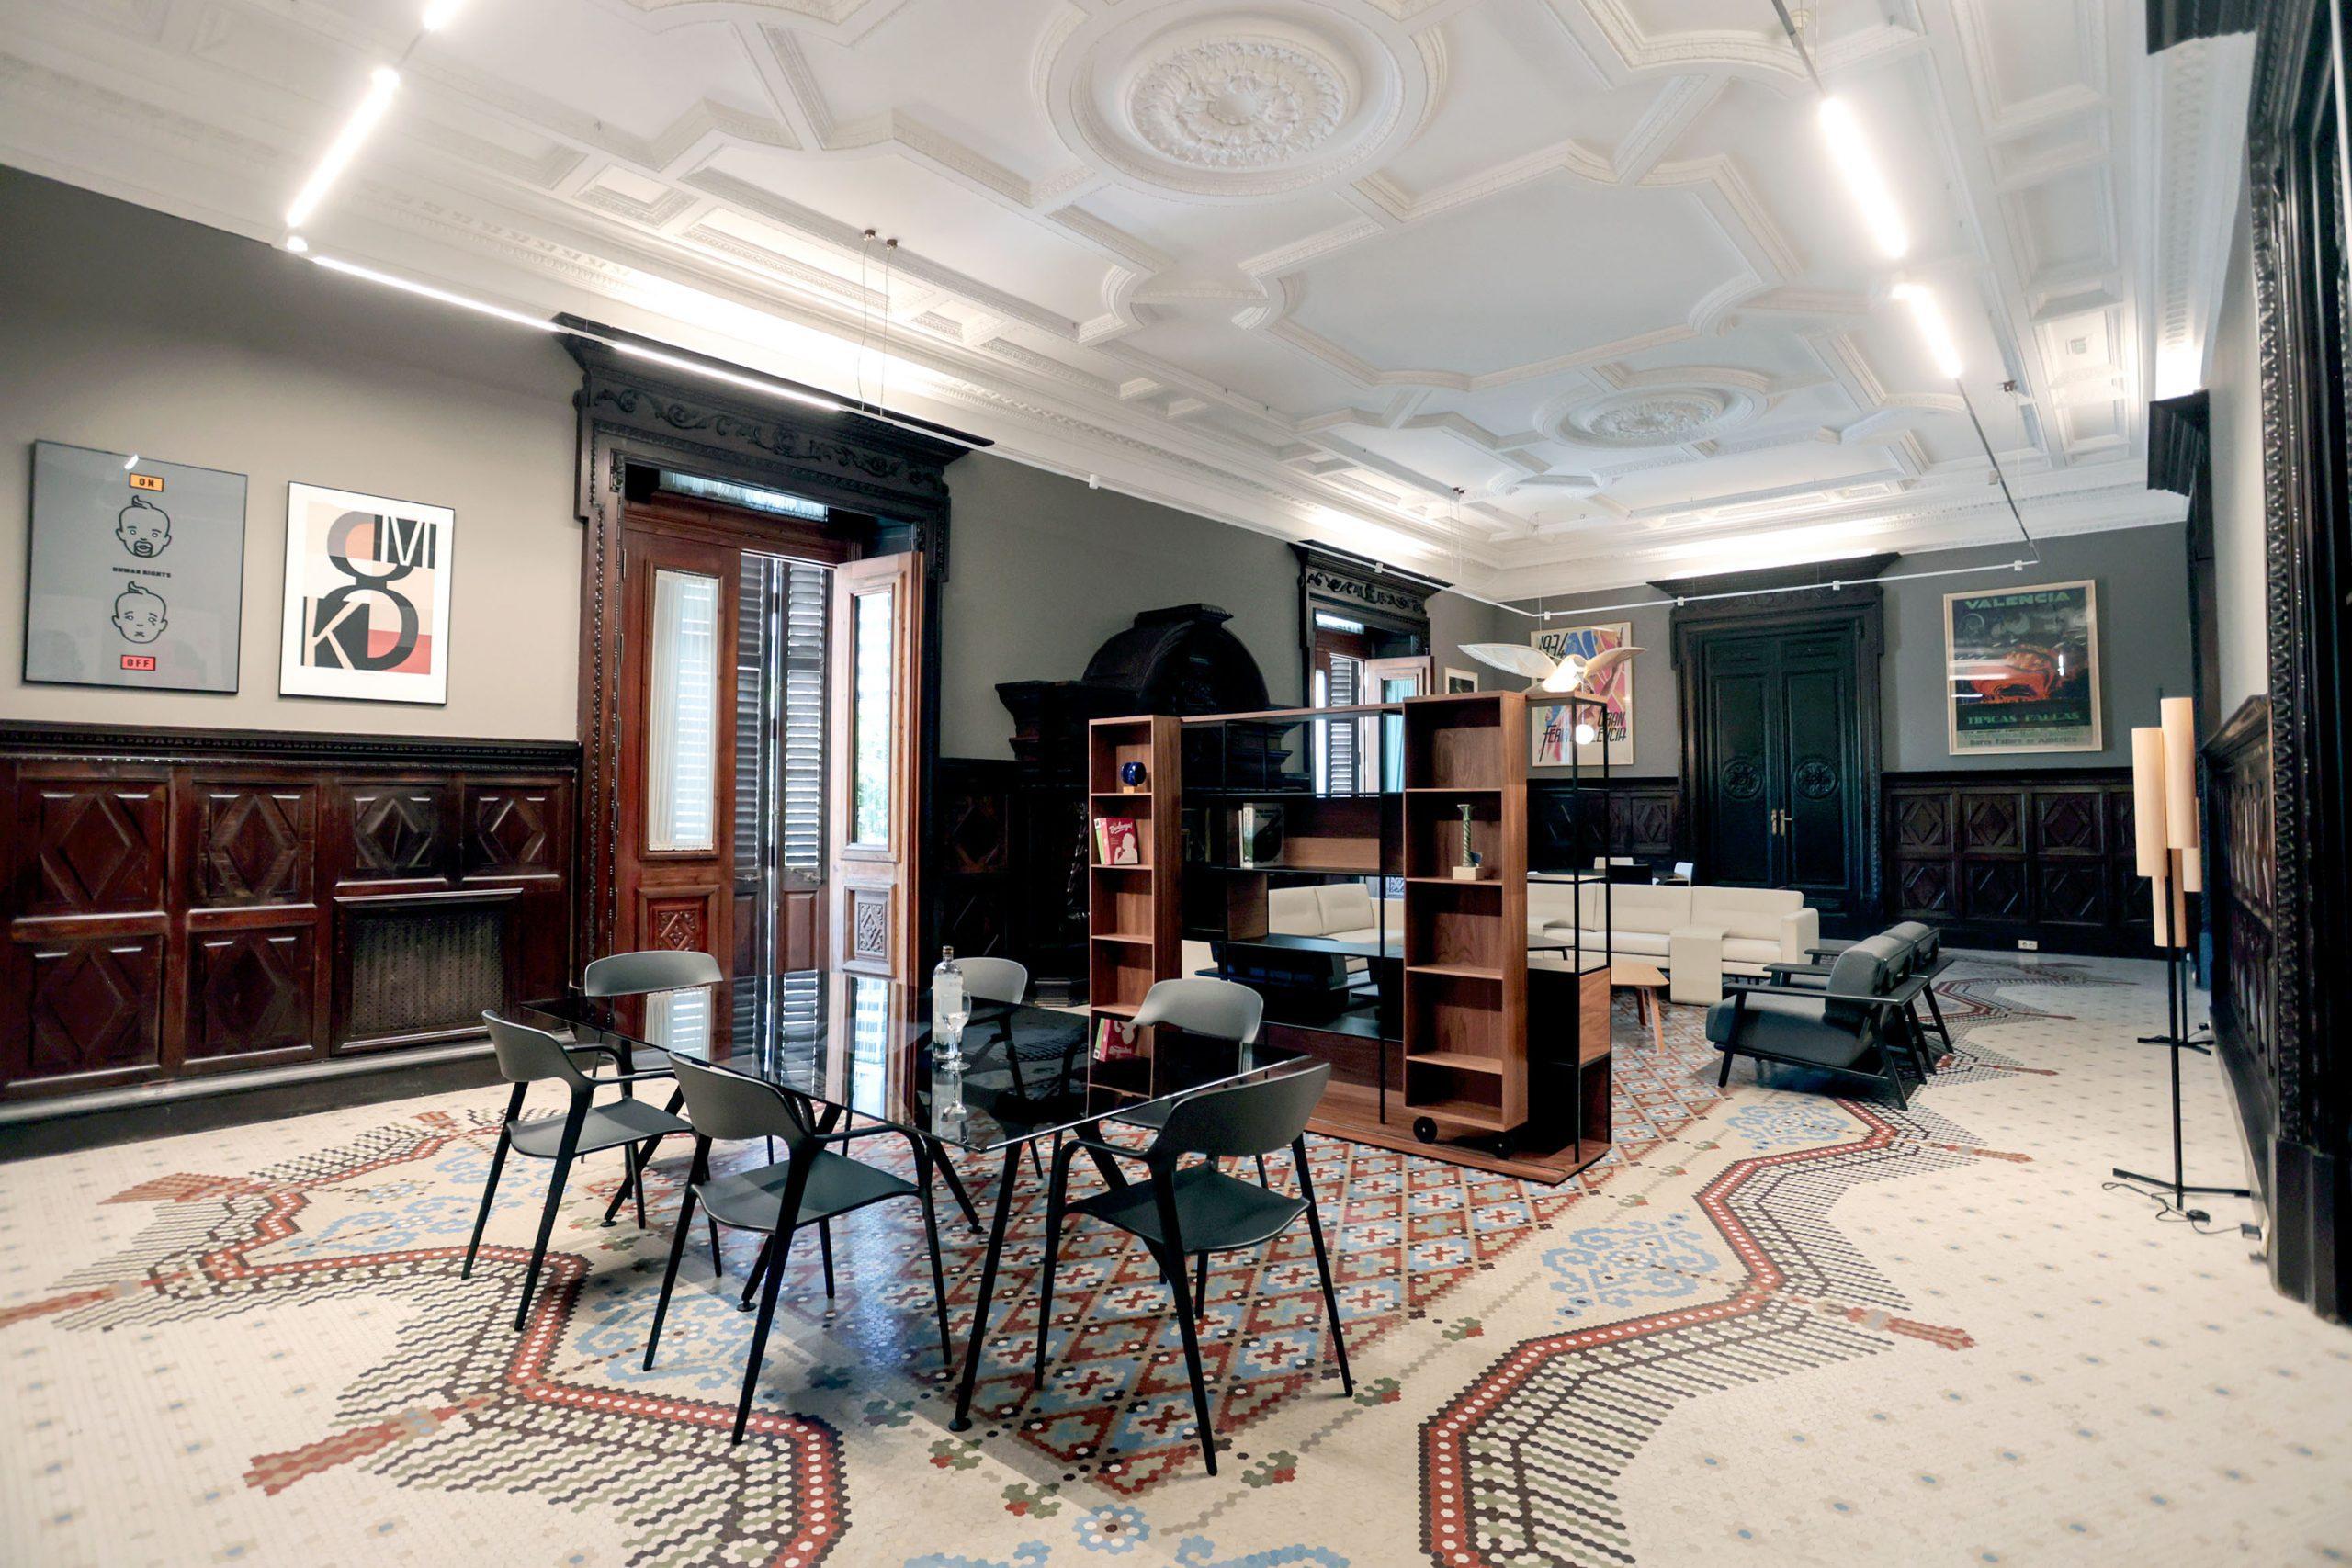 'Pleno' de iconos del diseño valenciano en el Salón de la Chimenea del Ajuntament de València